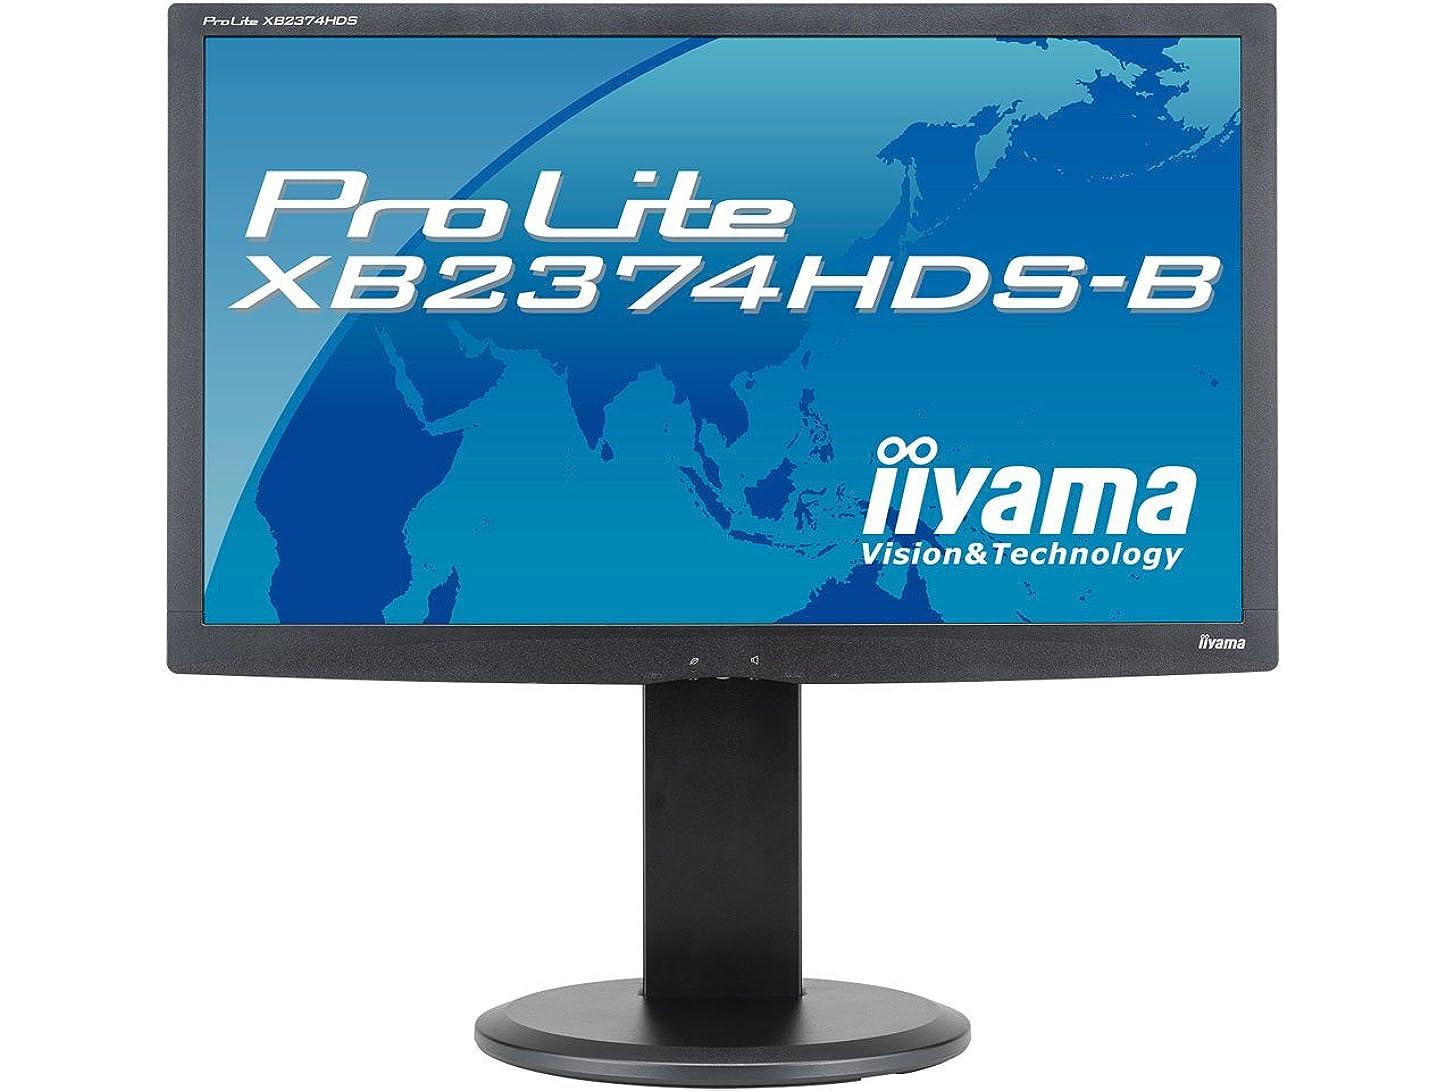 神経障害下に恥ずかしさiiyama 23インチワイド液晶ディスプレイ IPSパネル LEDバックライト 昇降?ピボット機能搭載 HDMIケーブル同梱モデル マーベルブラック PLXB2374HDS-B1